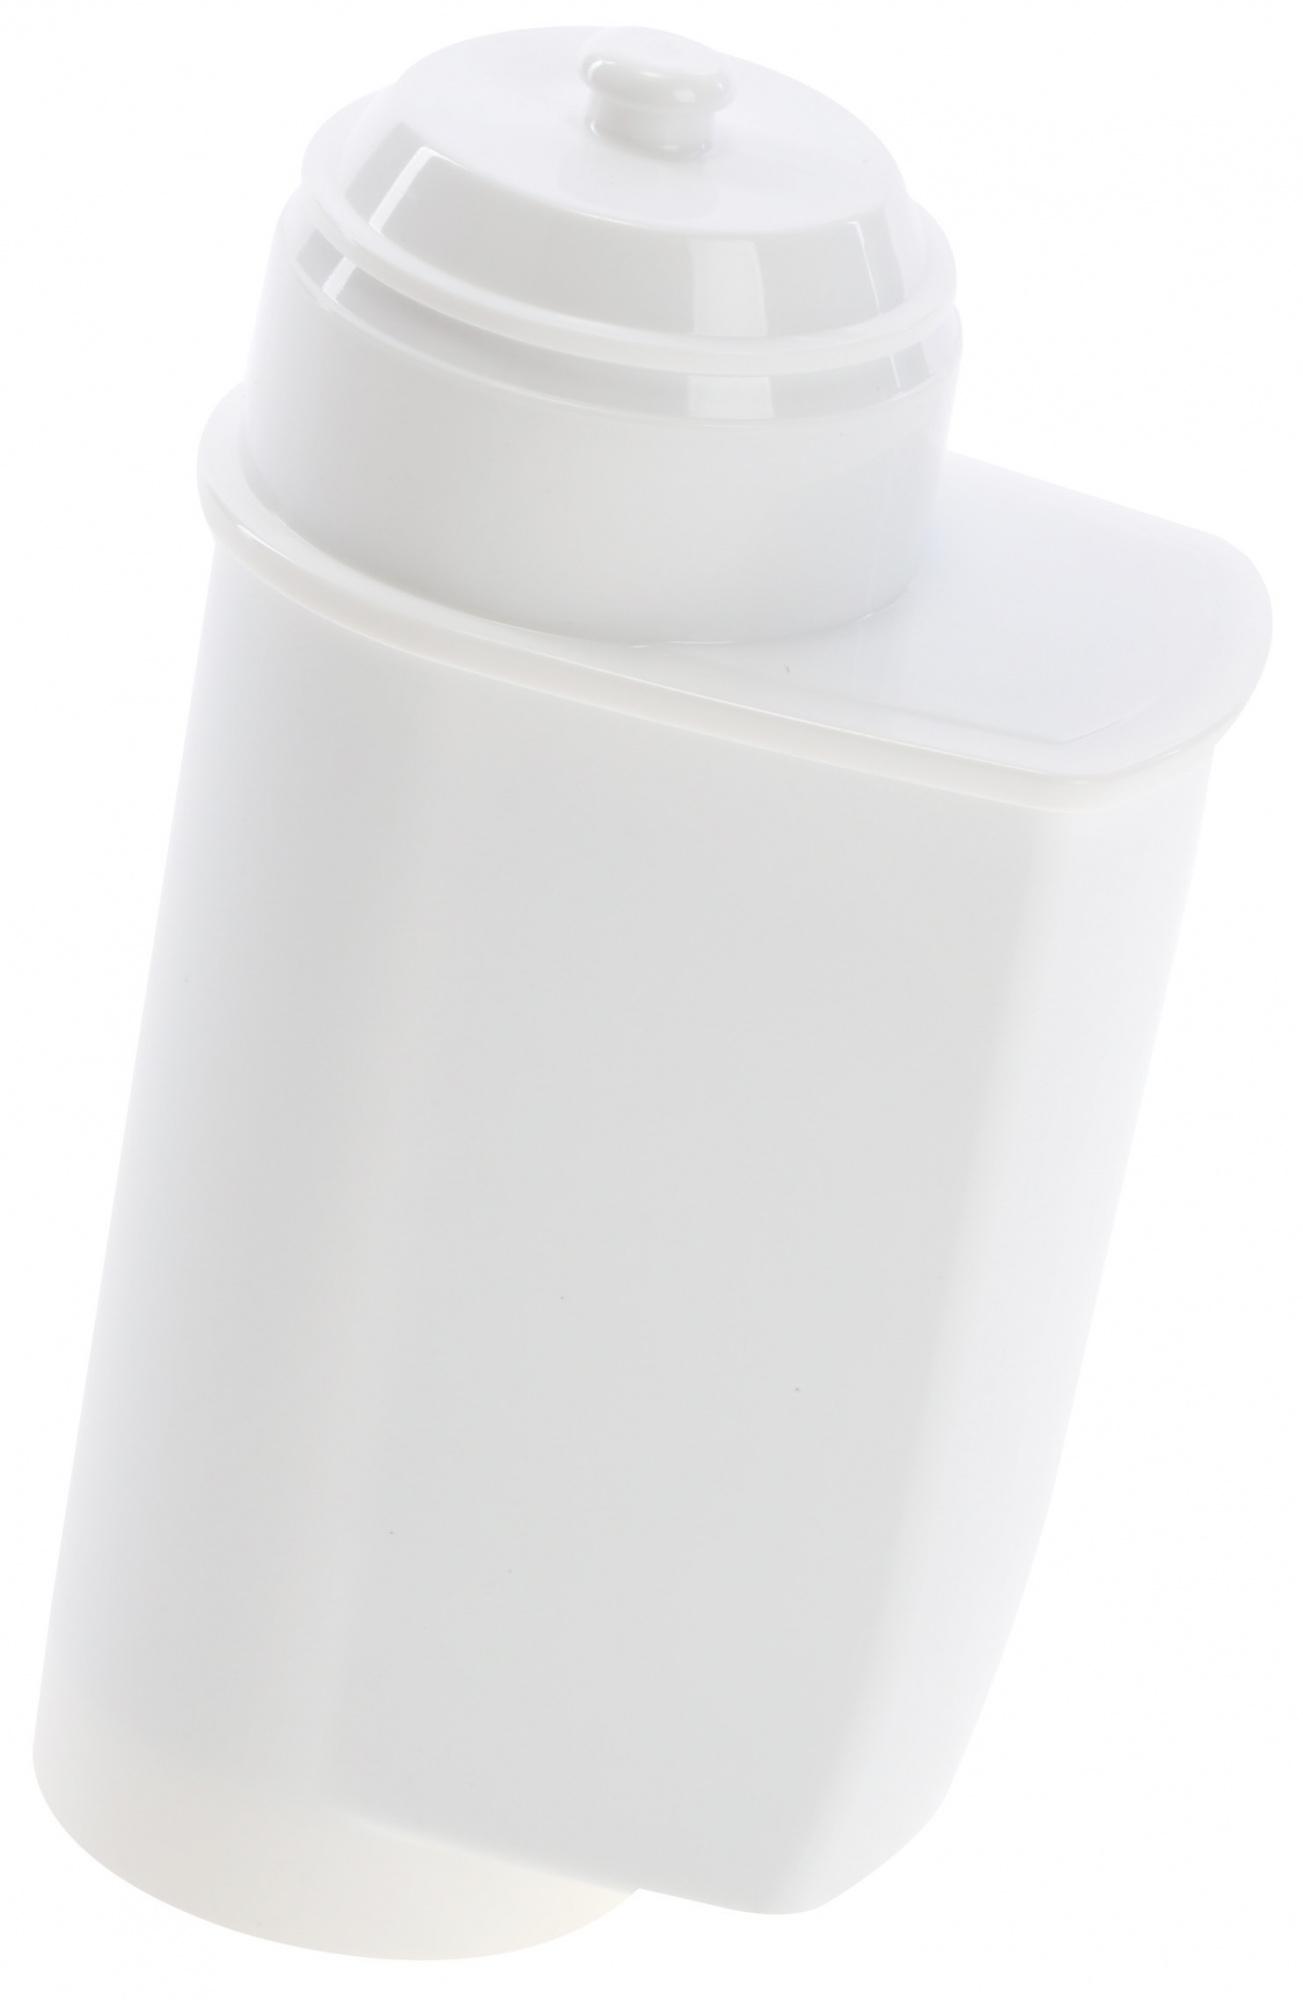 Bosch Brita Intenza (576335) - фильтры воды для кофемашин Bosch, 4 штуки